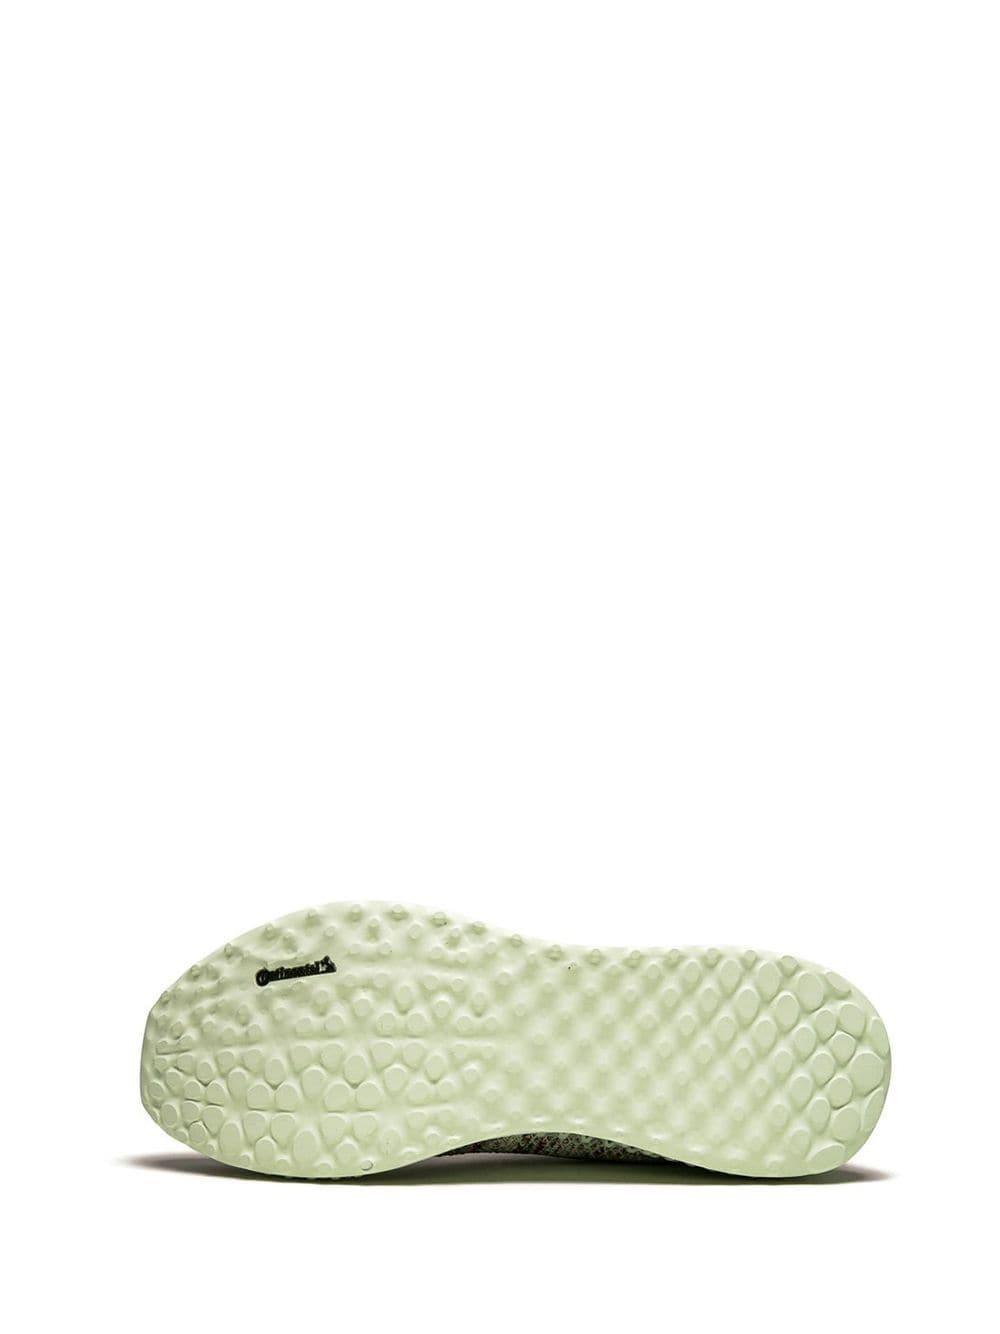 Zapatillas Consortium Runner KITH 4D adidas de Tejido sintético de color Rojo para hombre